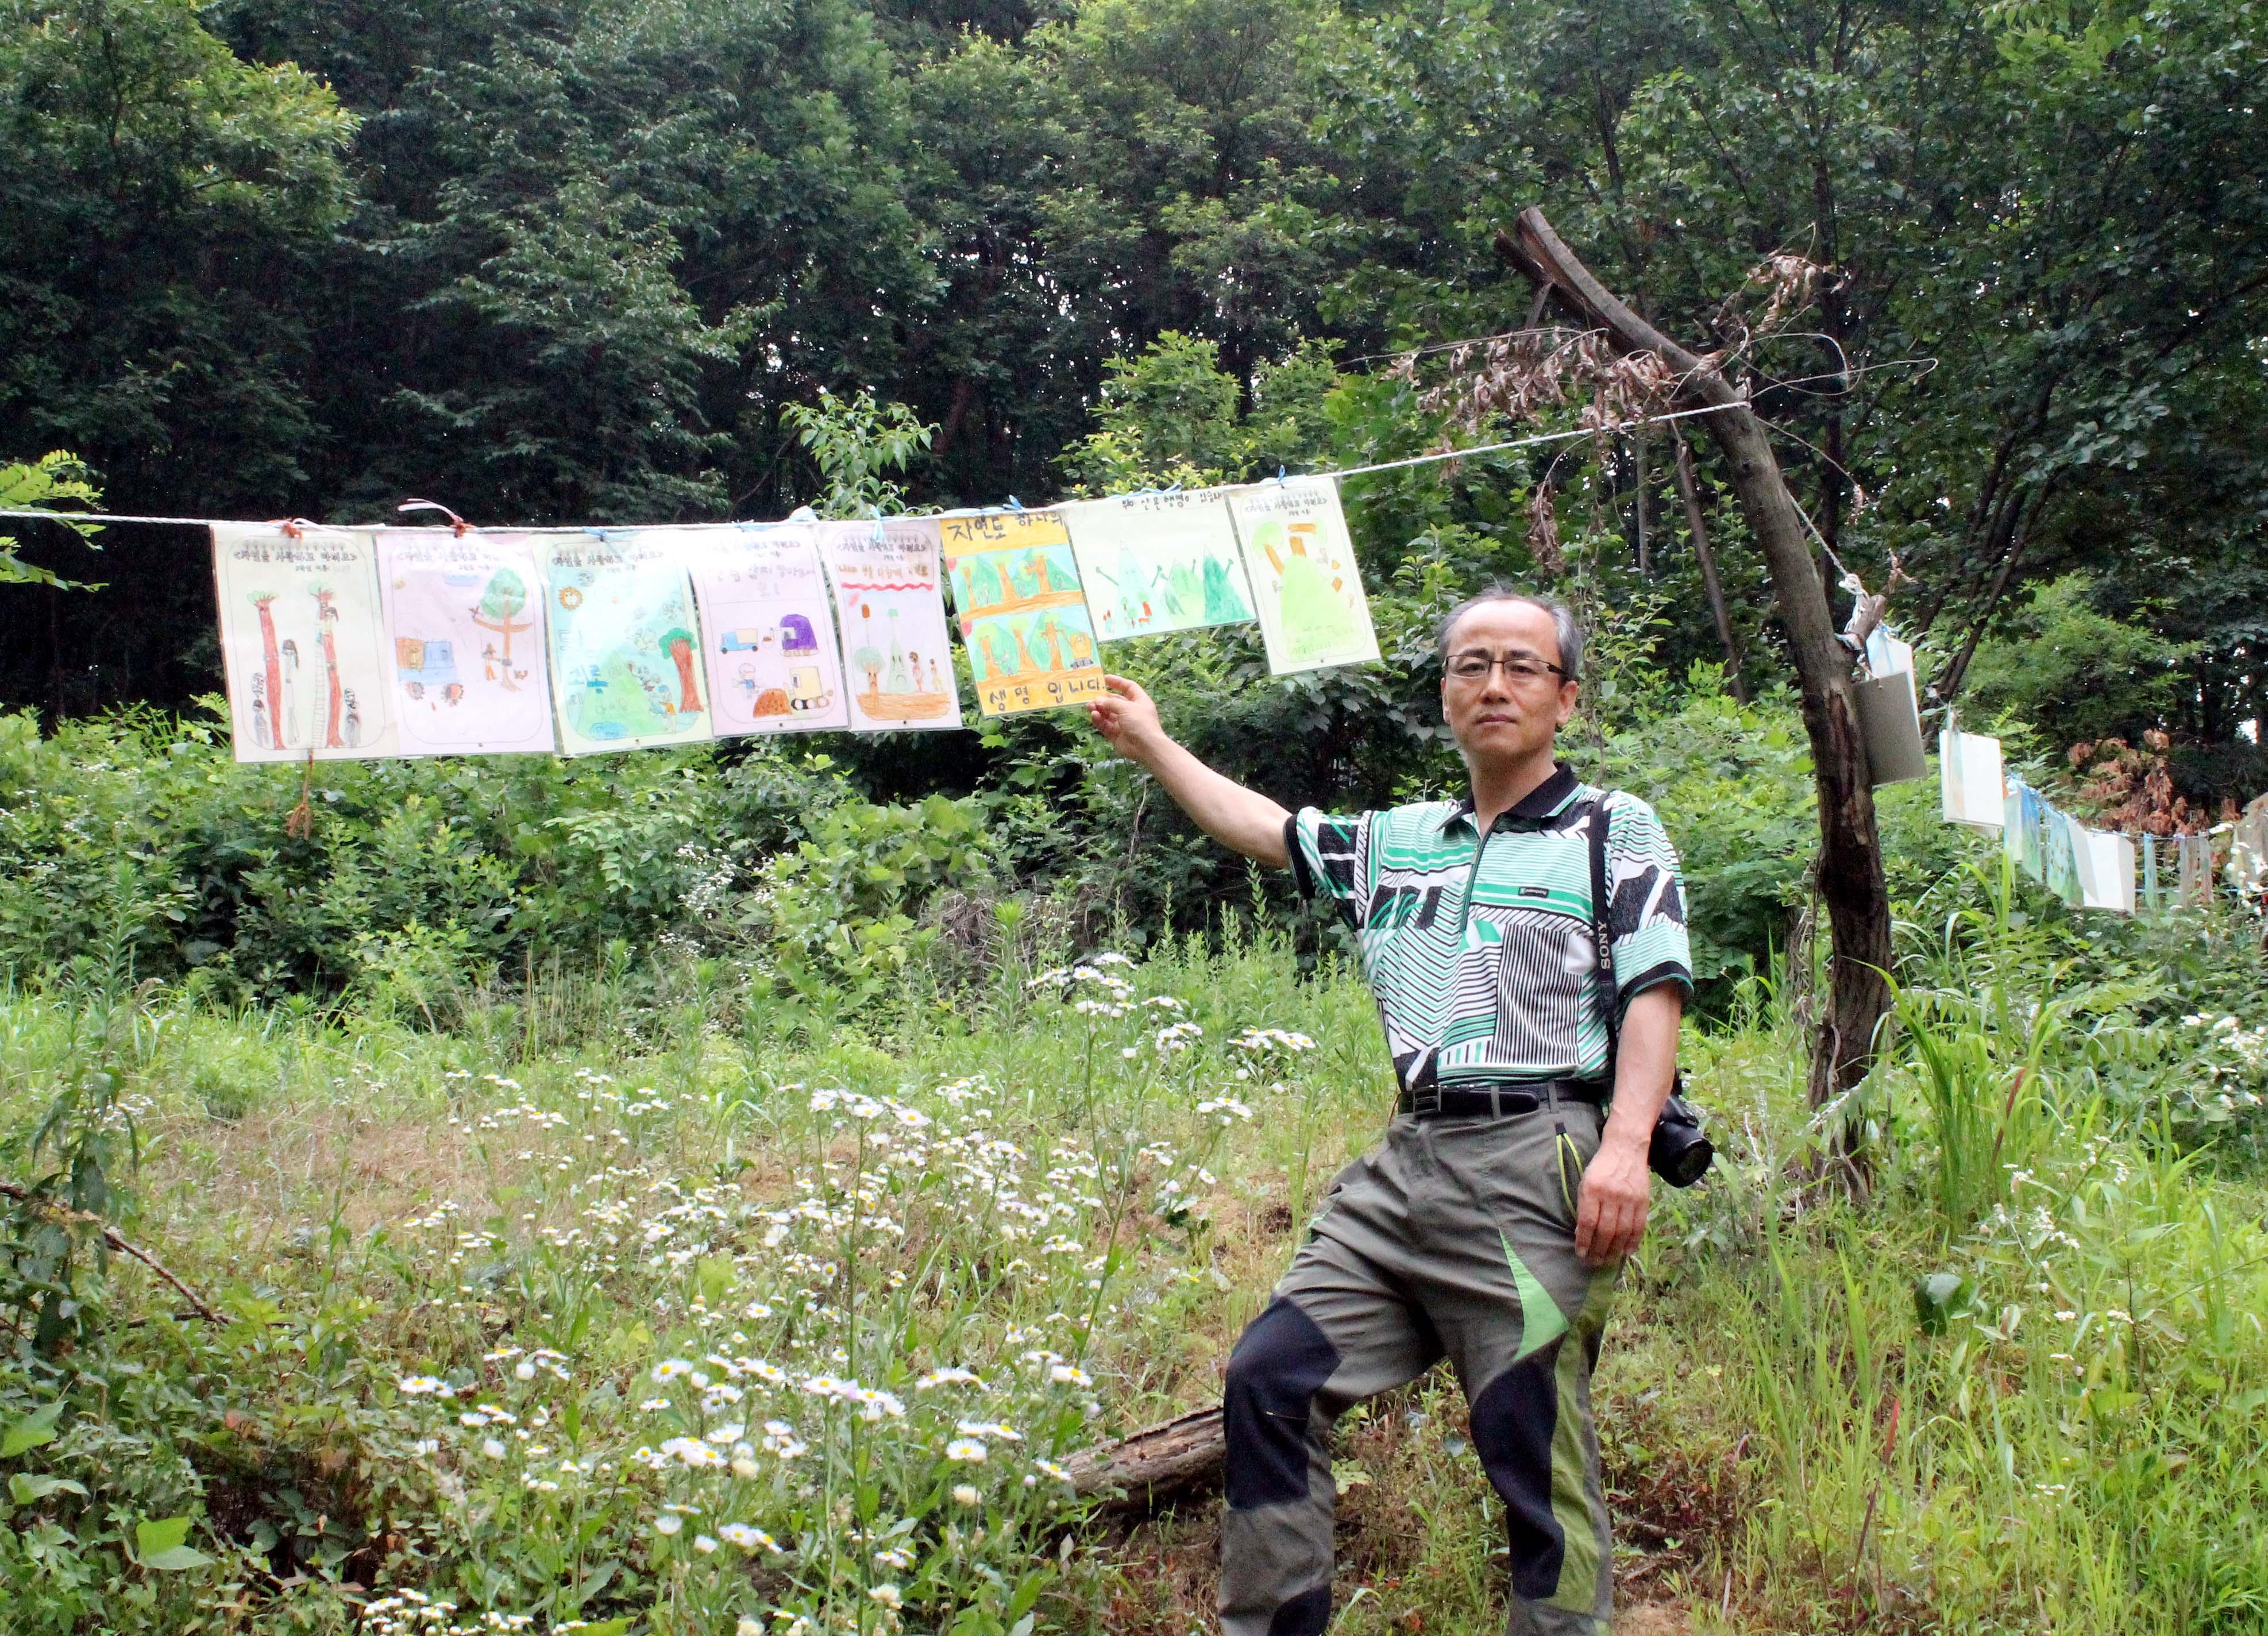 지곡초등학교 학생들이 용인 부아산에 붙인 그림을 최병성 목사가 가리키고 있다.